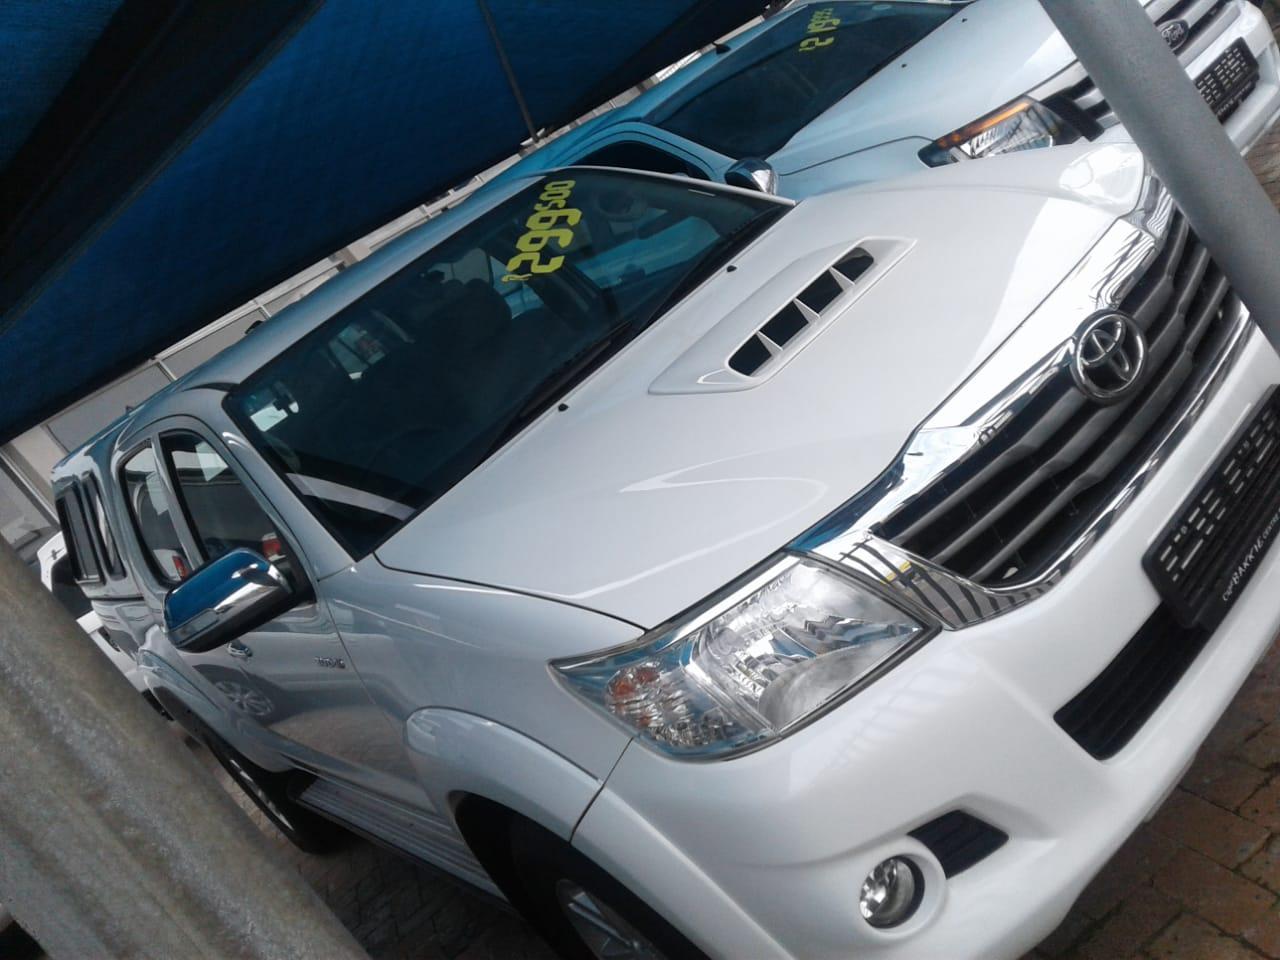 2014 toyota hilux 3.0d-4d double cab raider